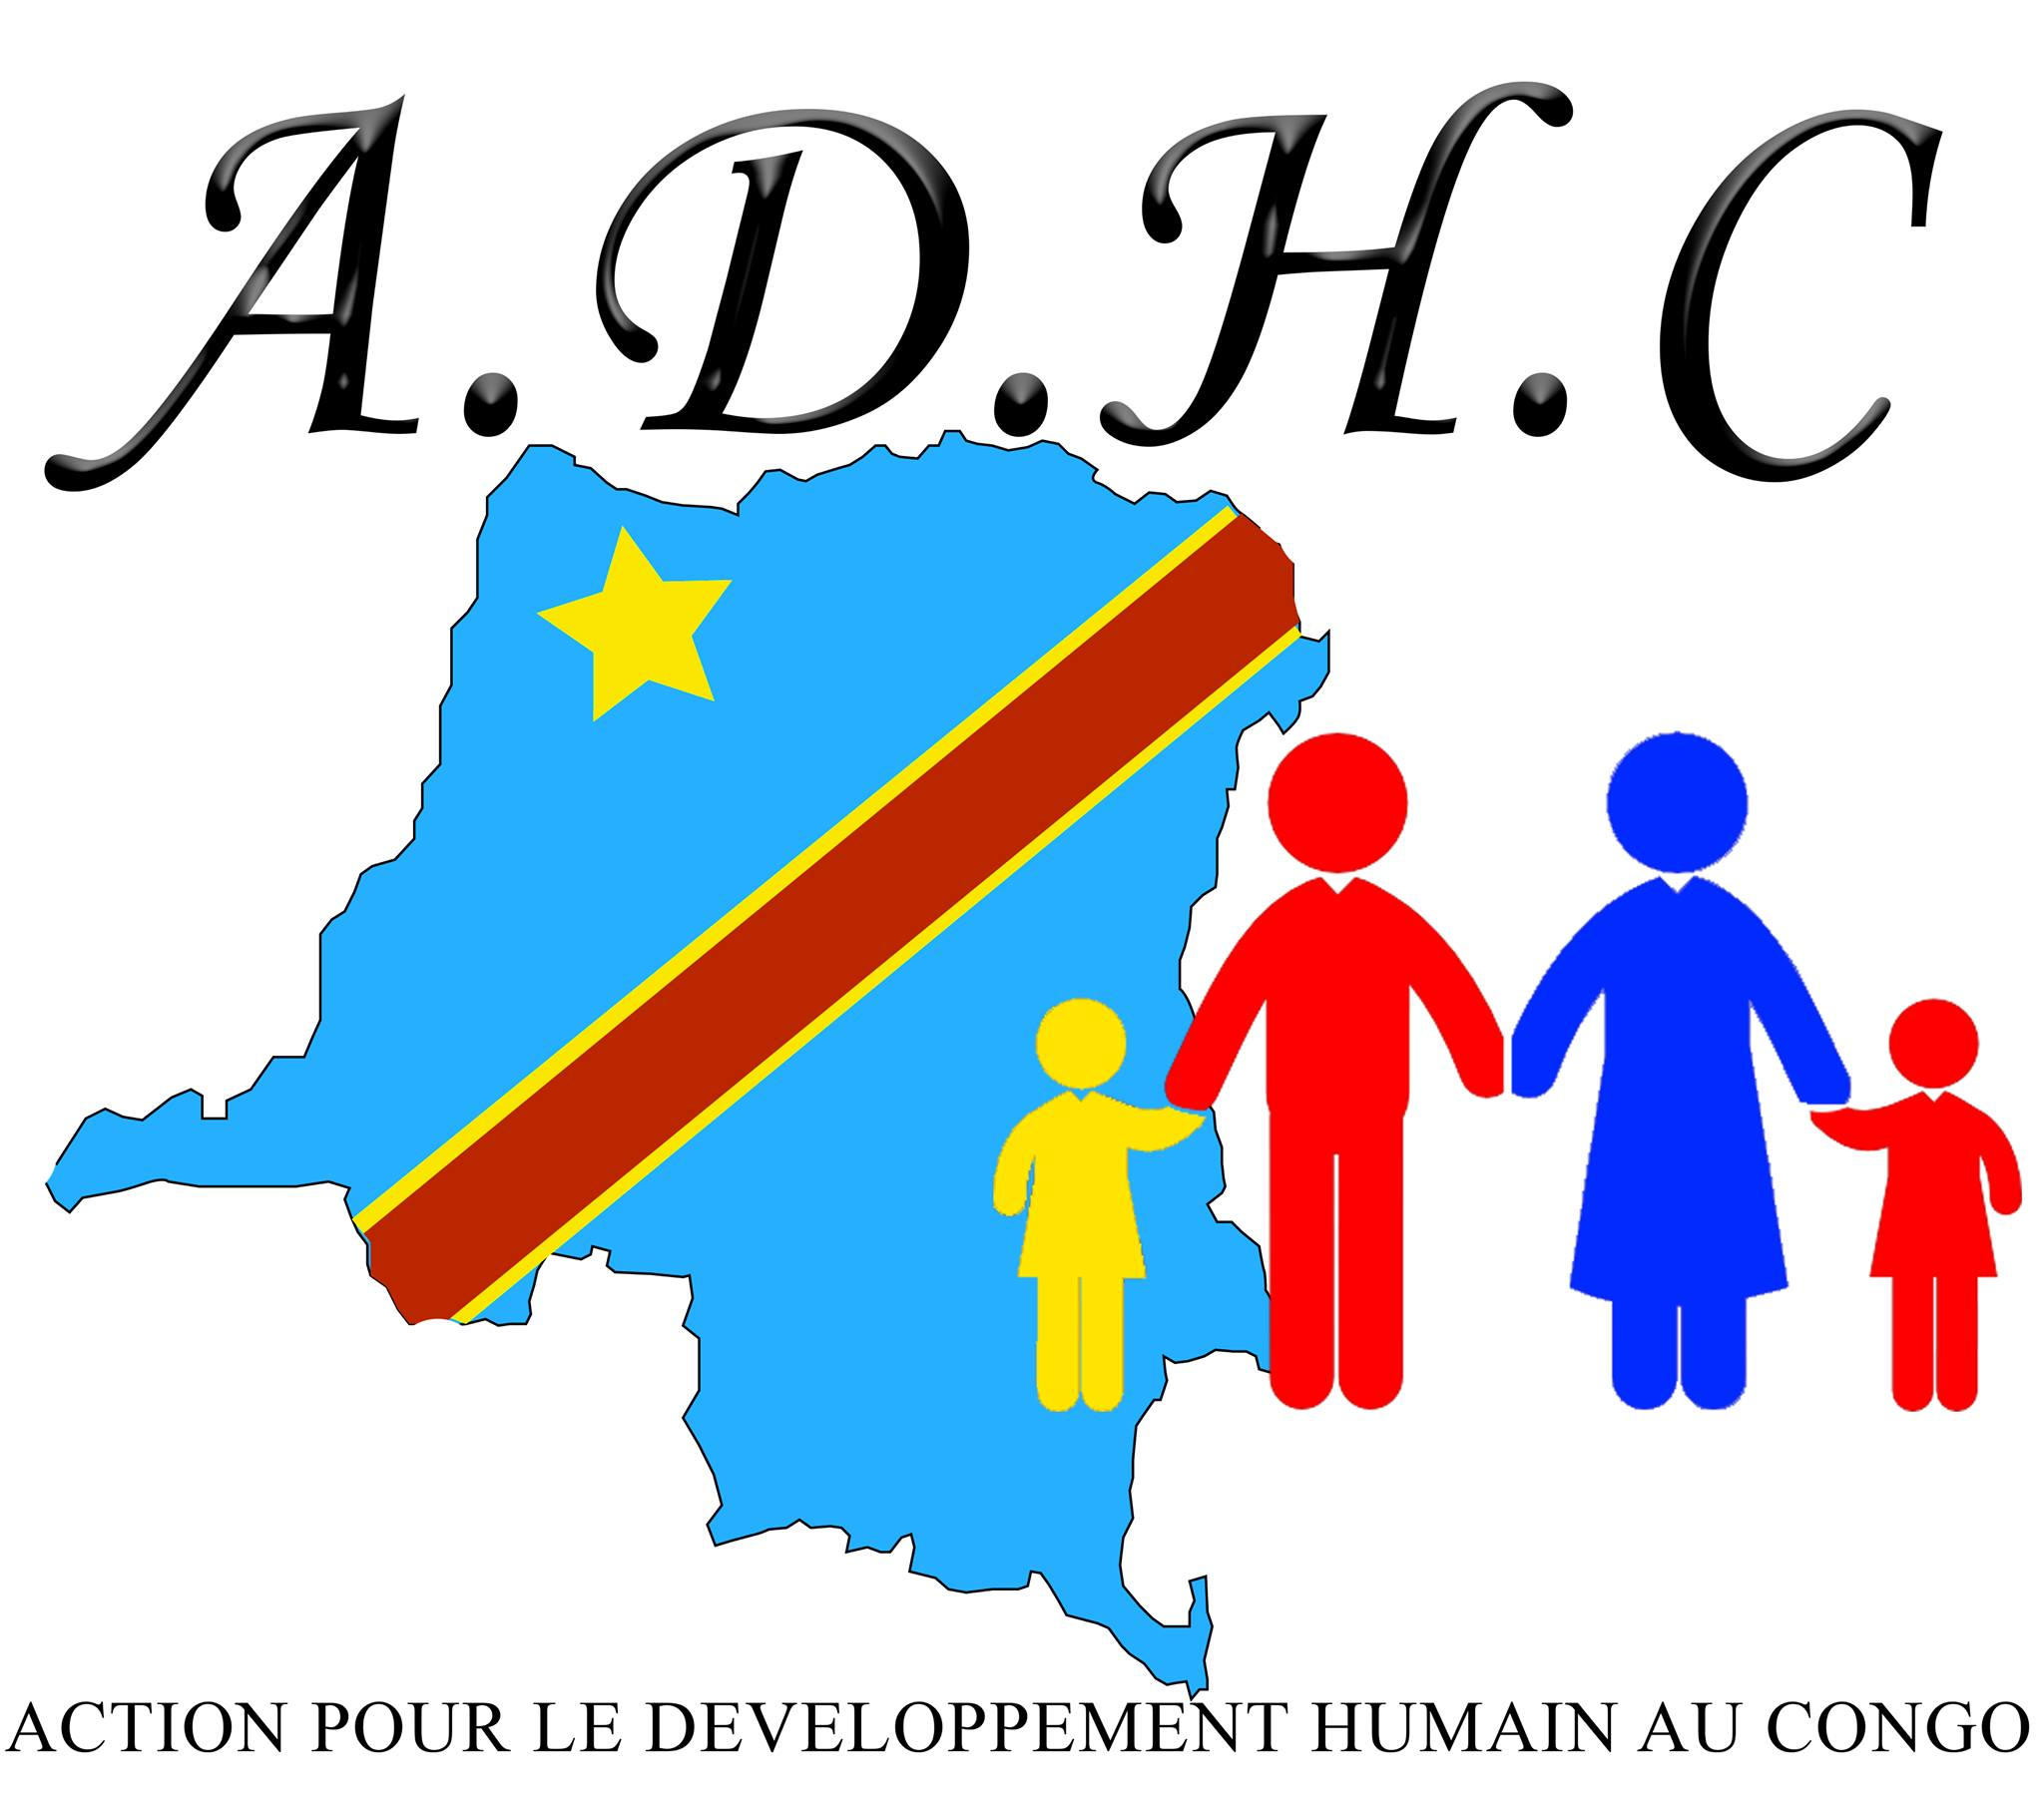 ADHC ong - Action pour le Développement Humain au Congo